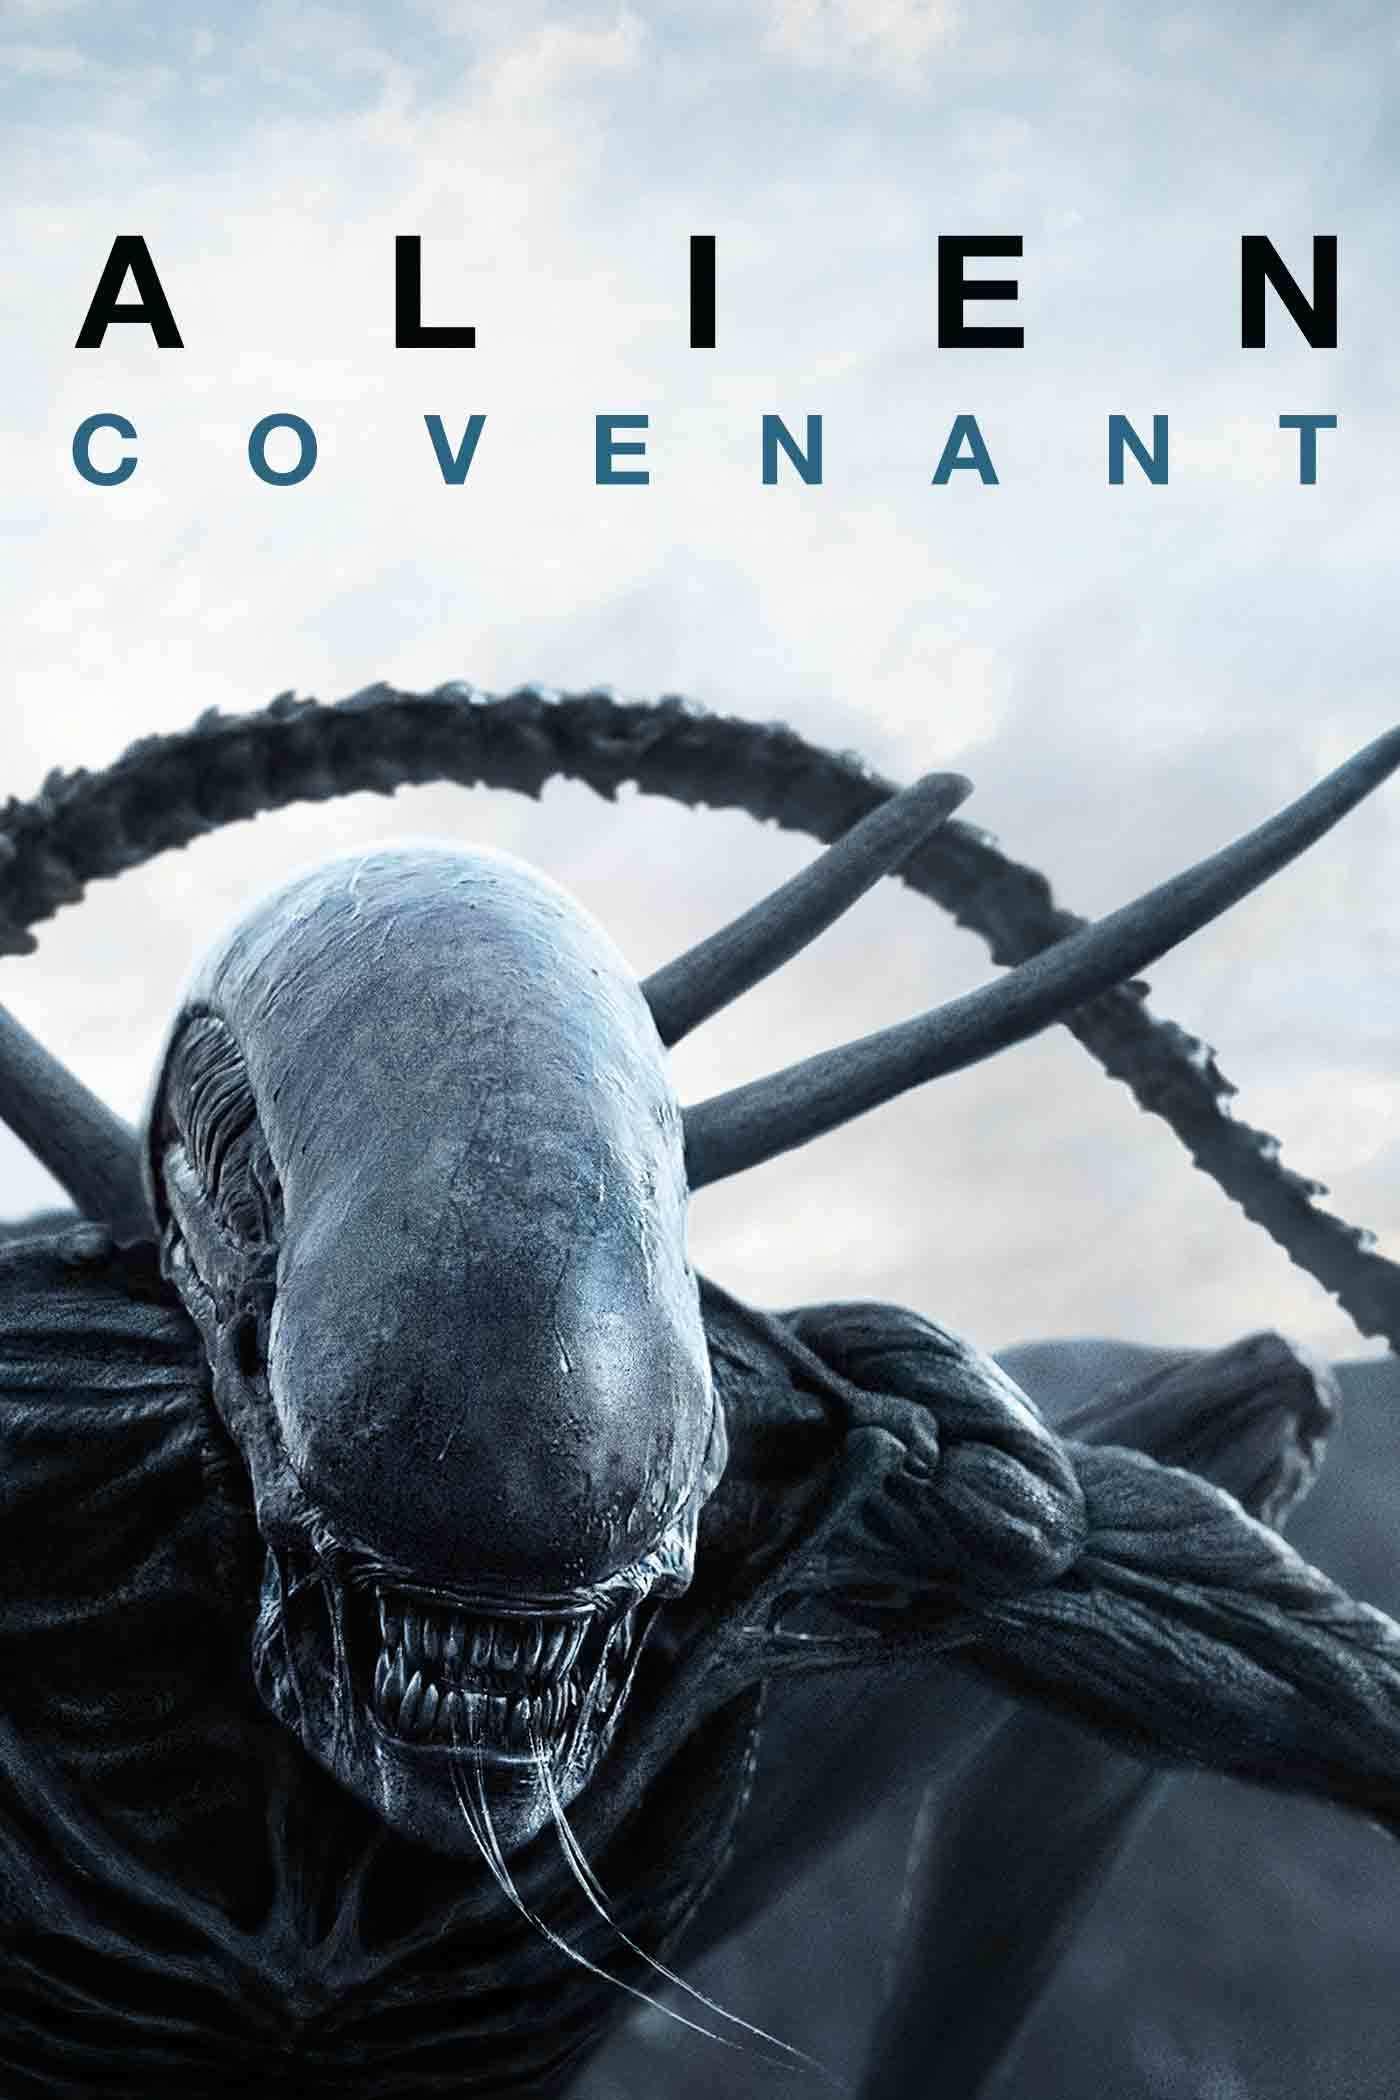 Alien Covenant movie poster